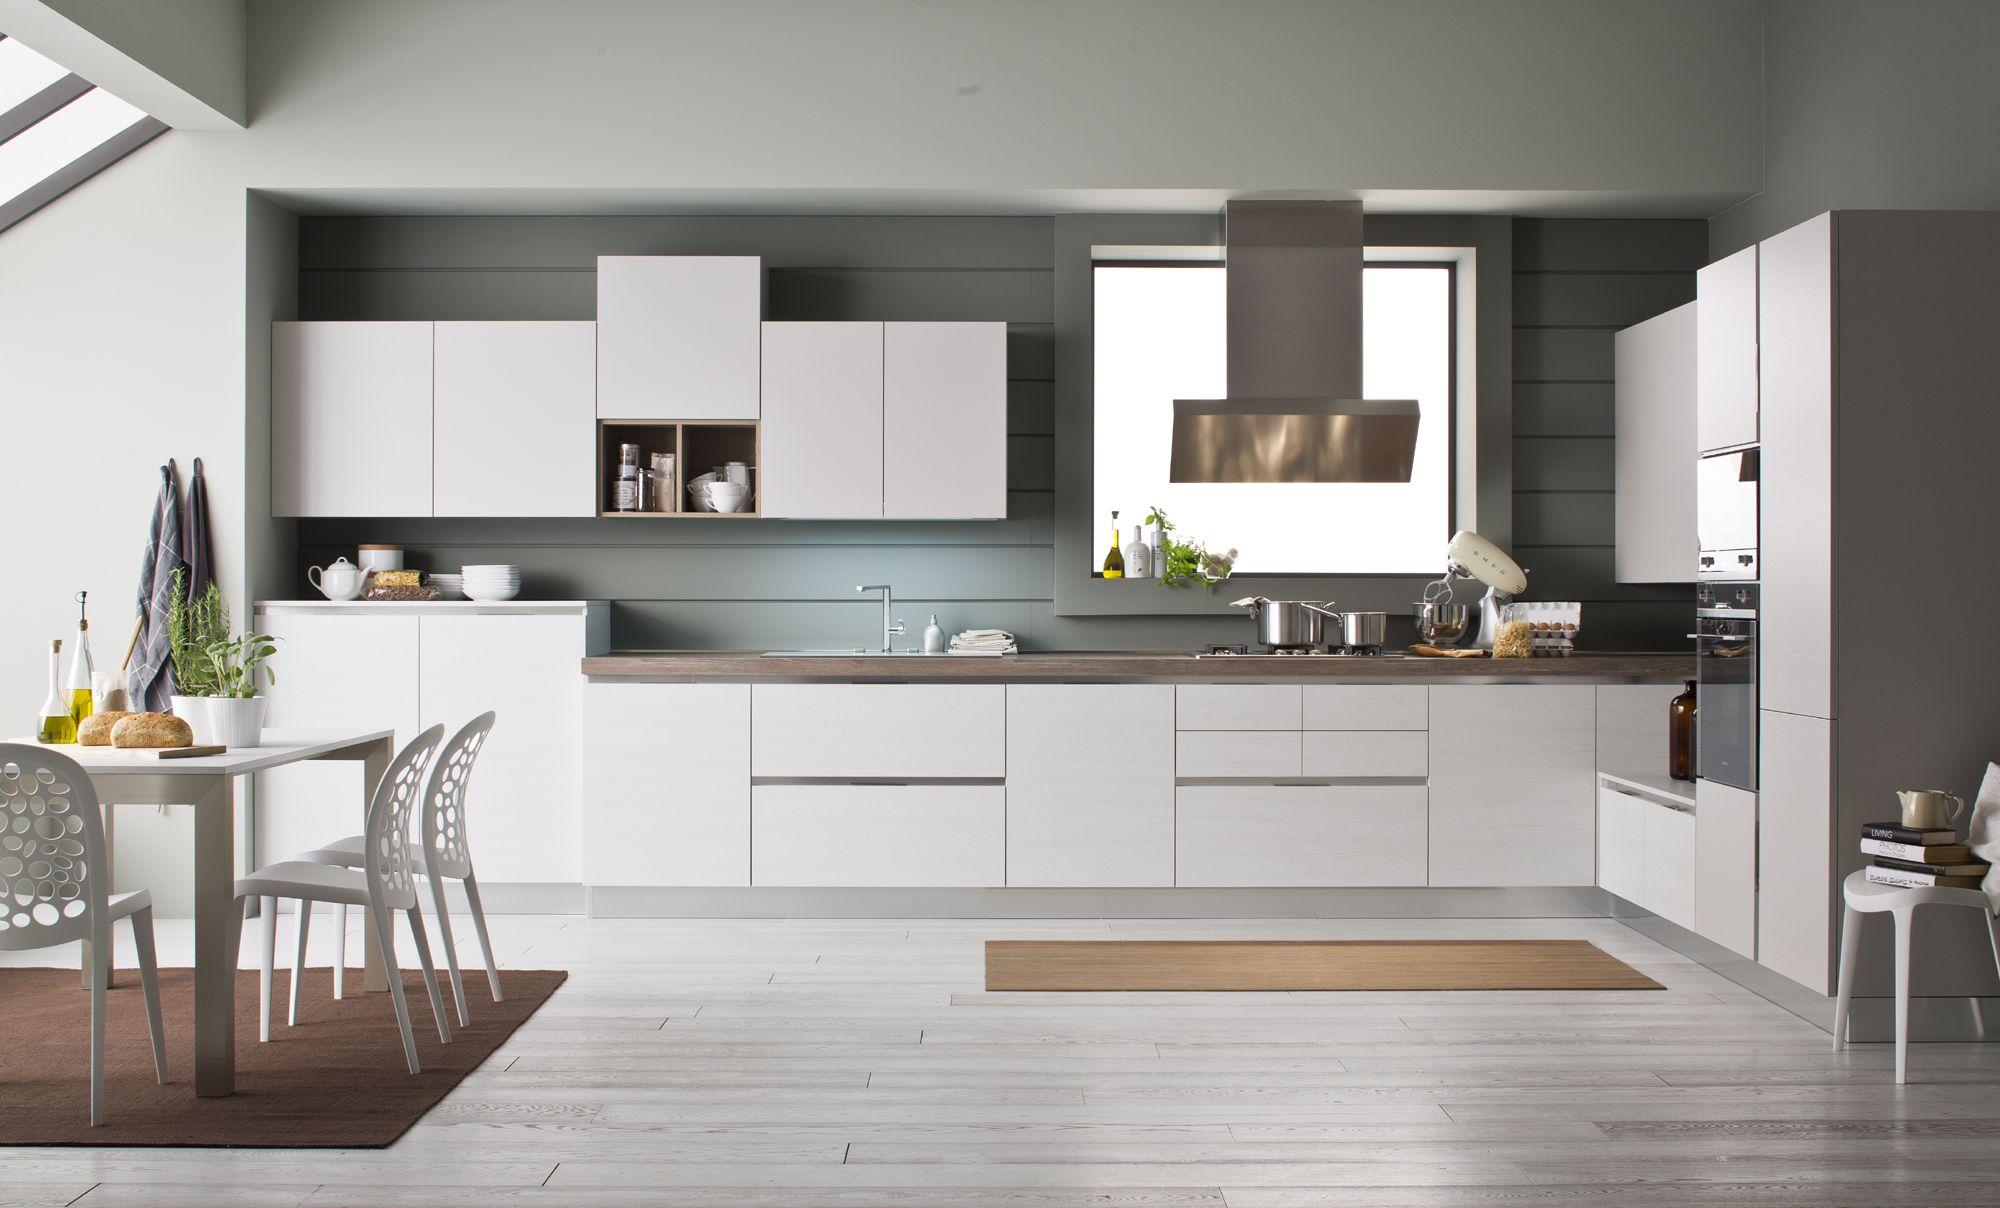 Cucine Moderne Con Cappa Ad Angolo.La Cucina Ad Angolo Di Arrex Bella E Funzionale Nel 2019